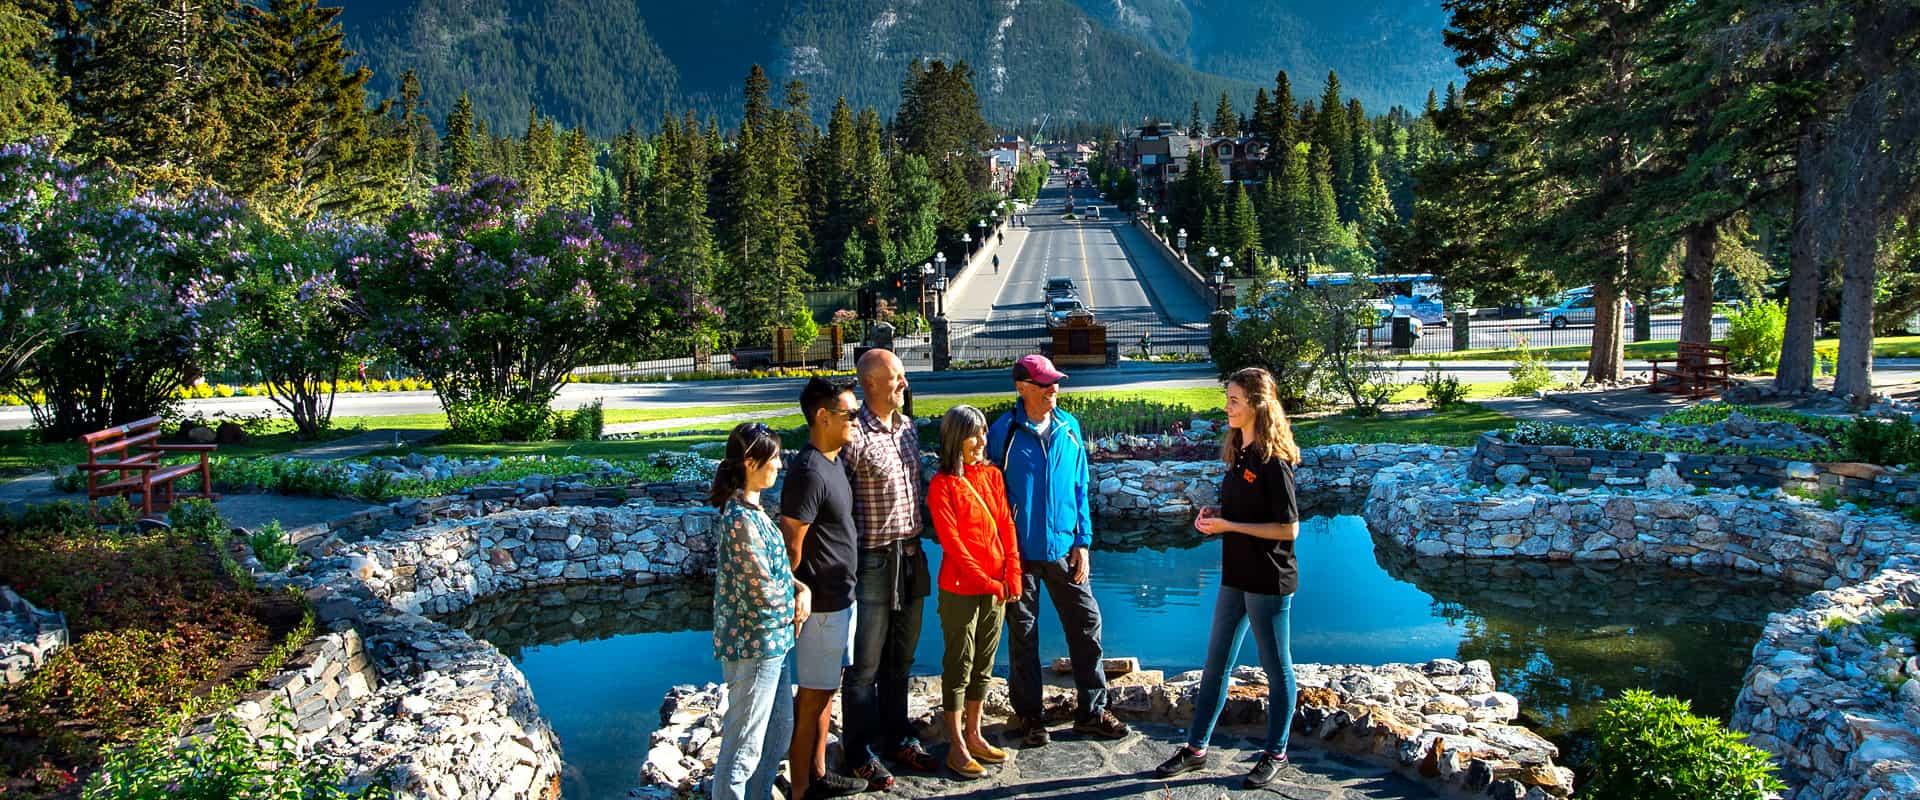 Banff Snowshoeing Tours